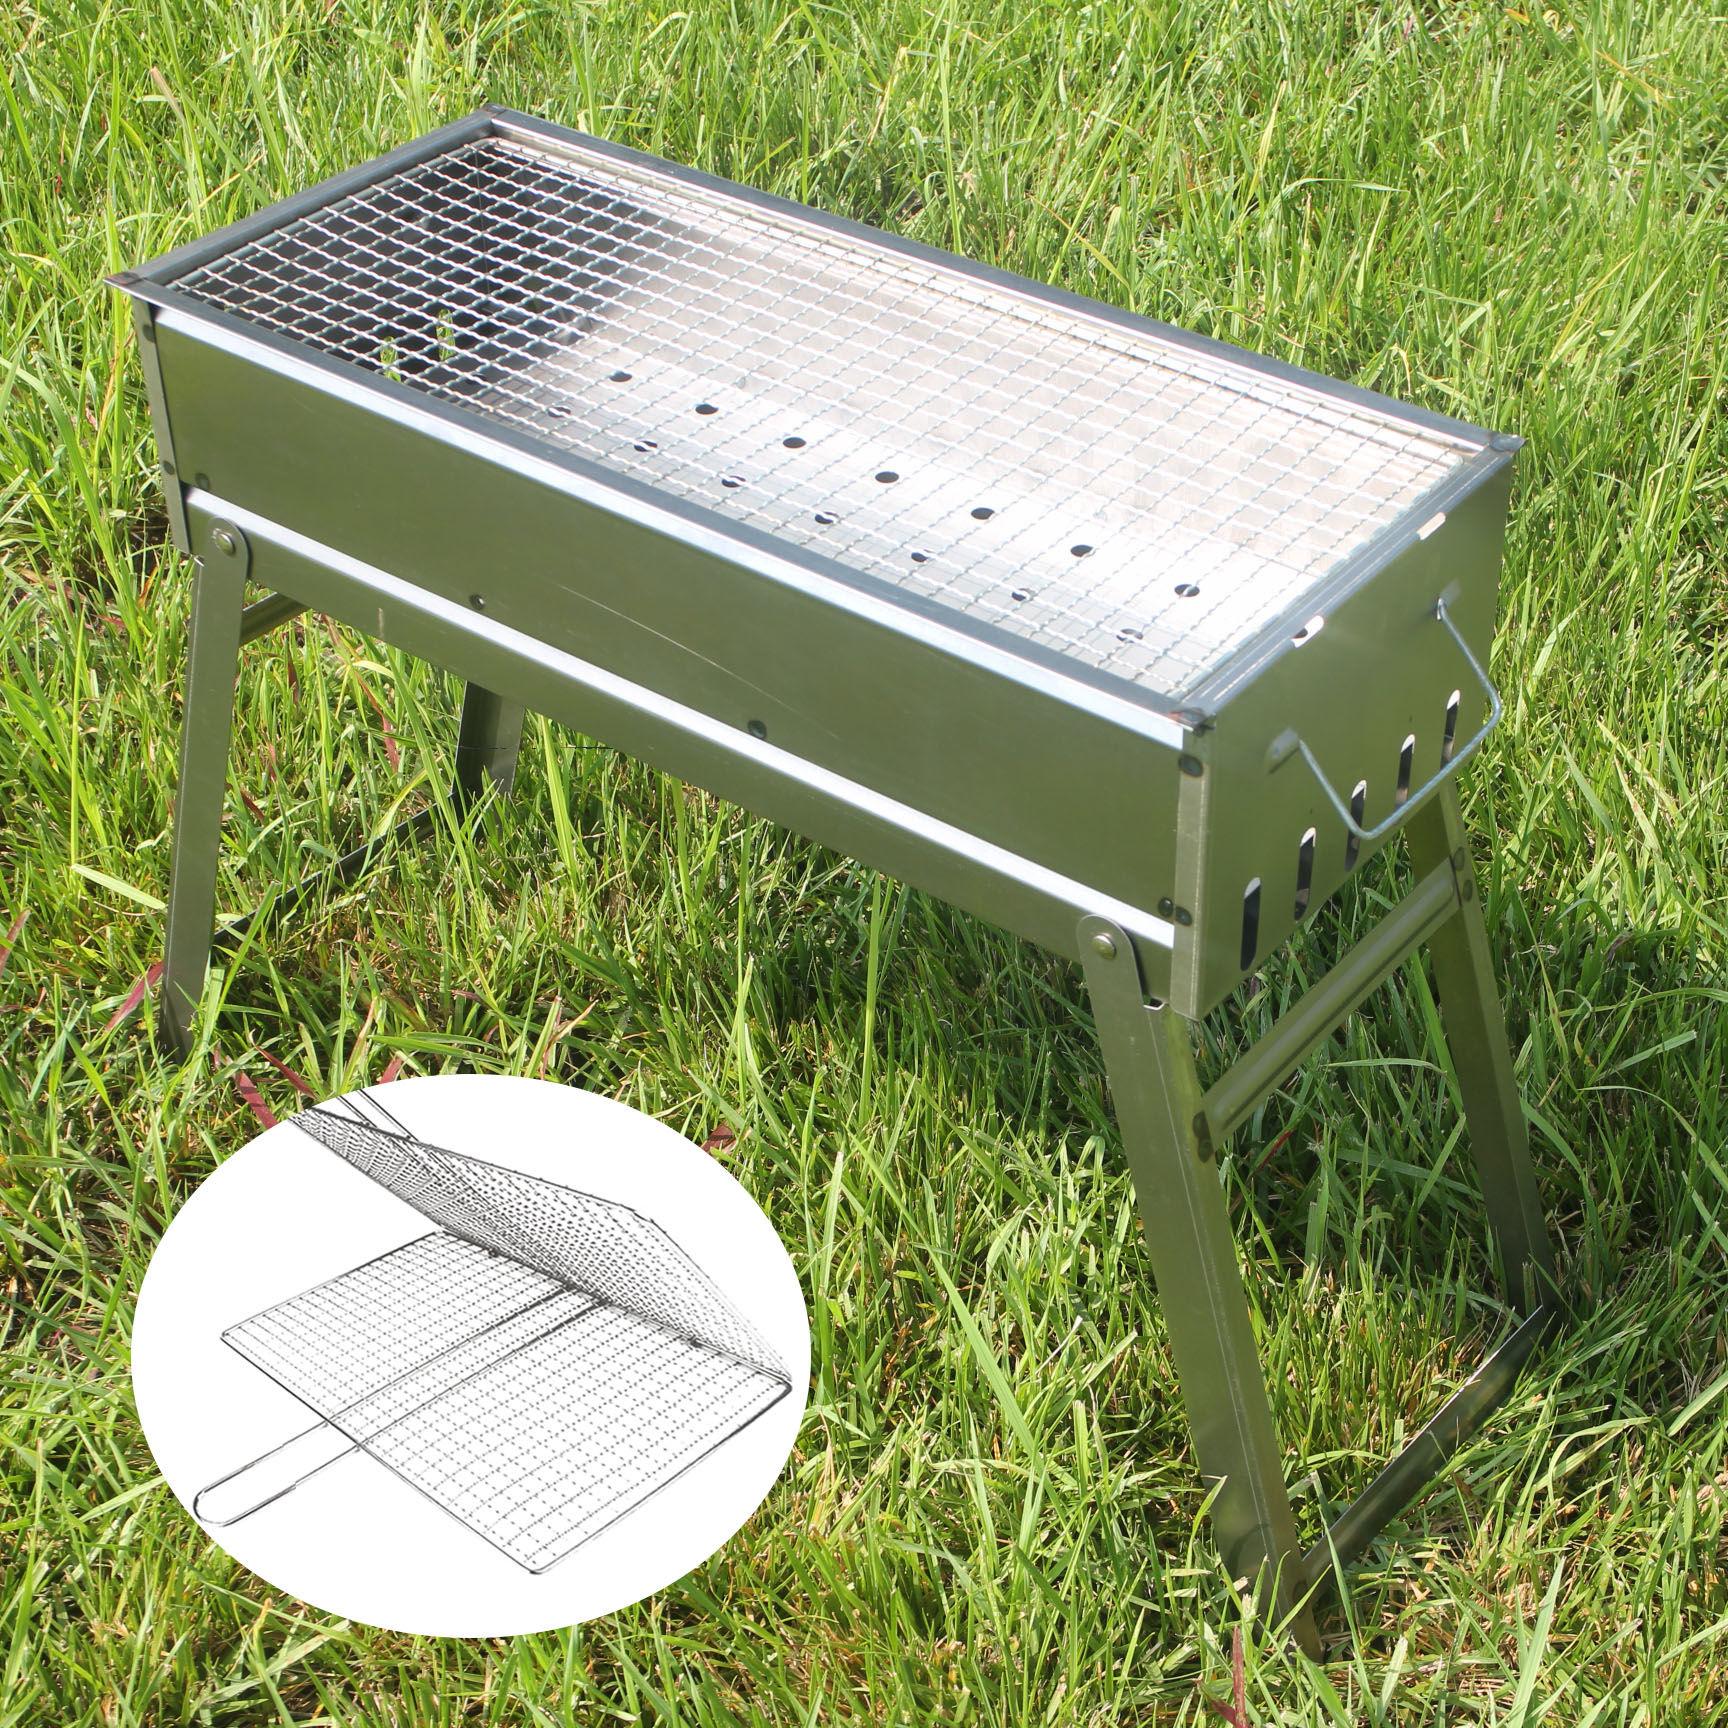 烧烤炉子户外家用木炭烧烤箱全套大号碳烤肉箱烤串签子野外烧烤架